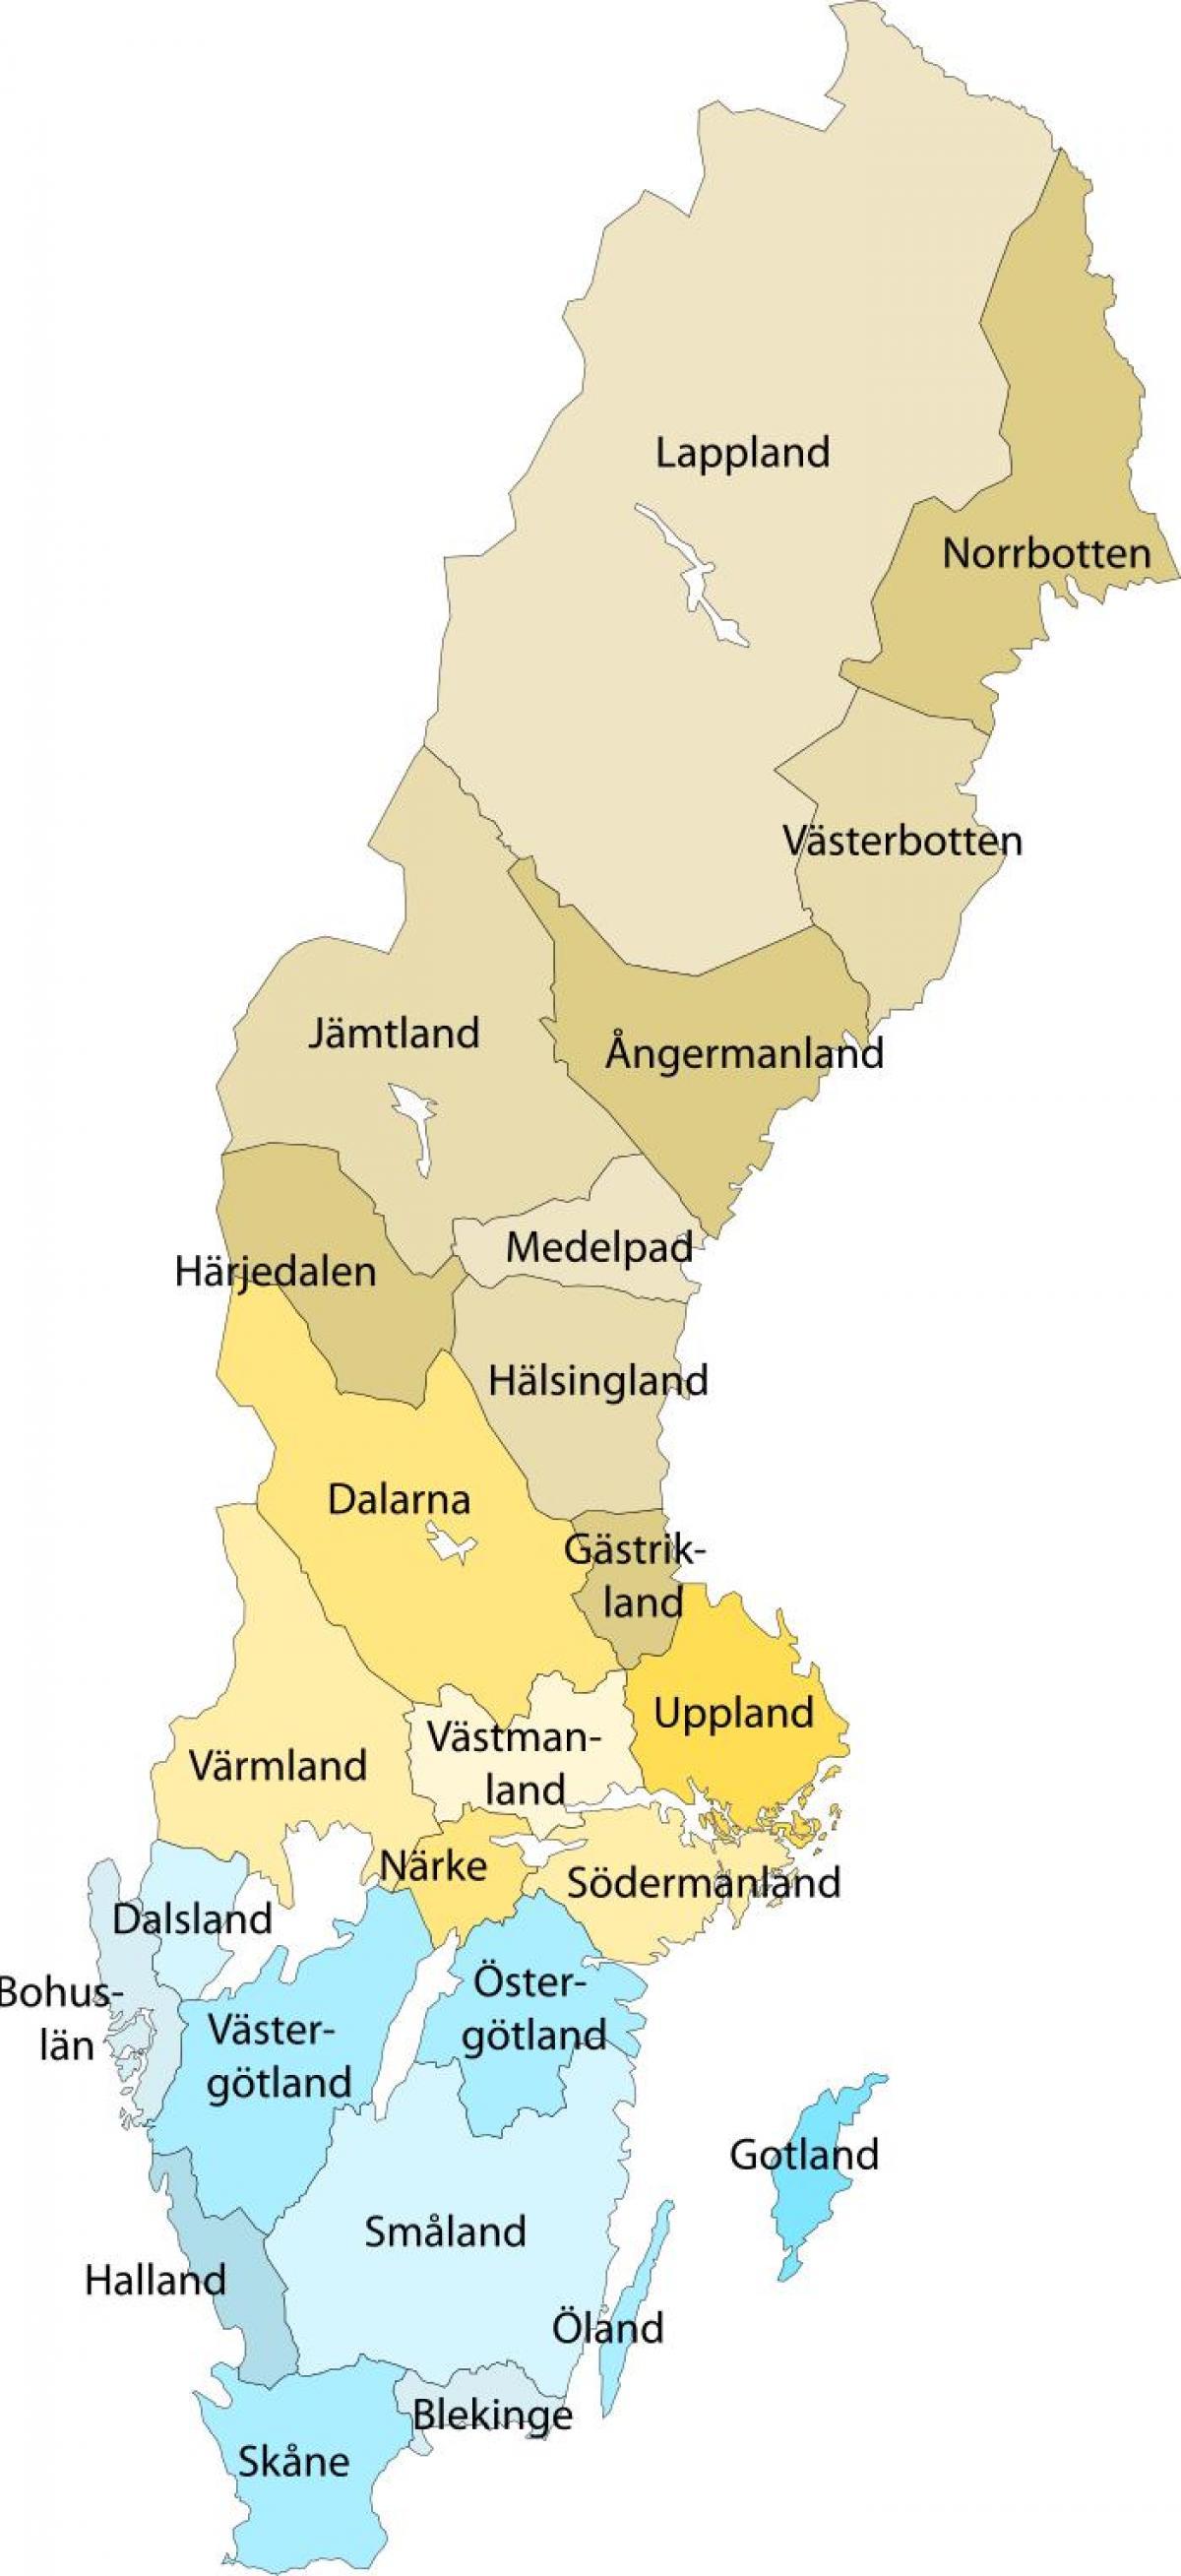 Lapin Ruotsi Kartta Kartta Lapin Ruotsi Pohjois Eurooppa